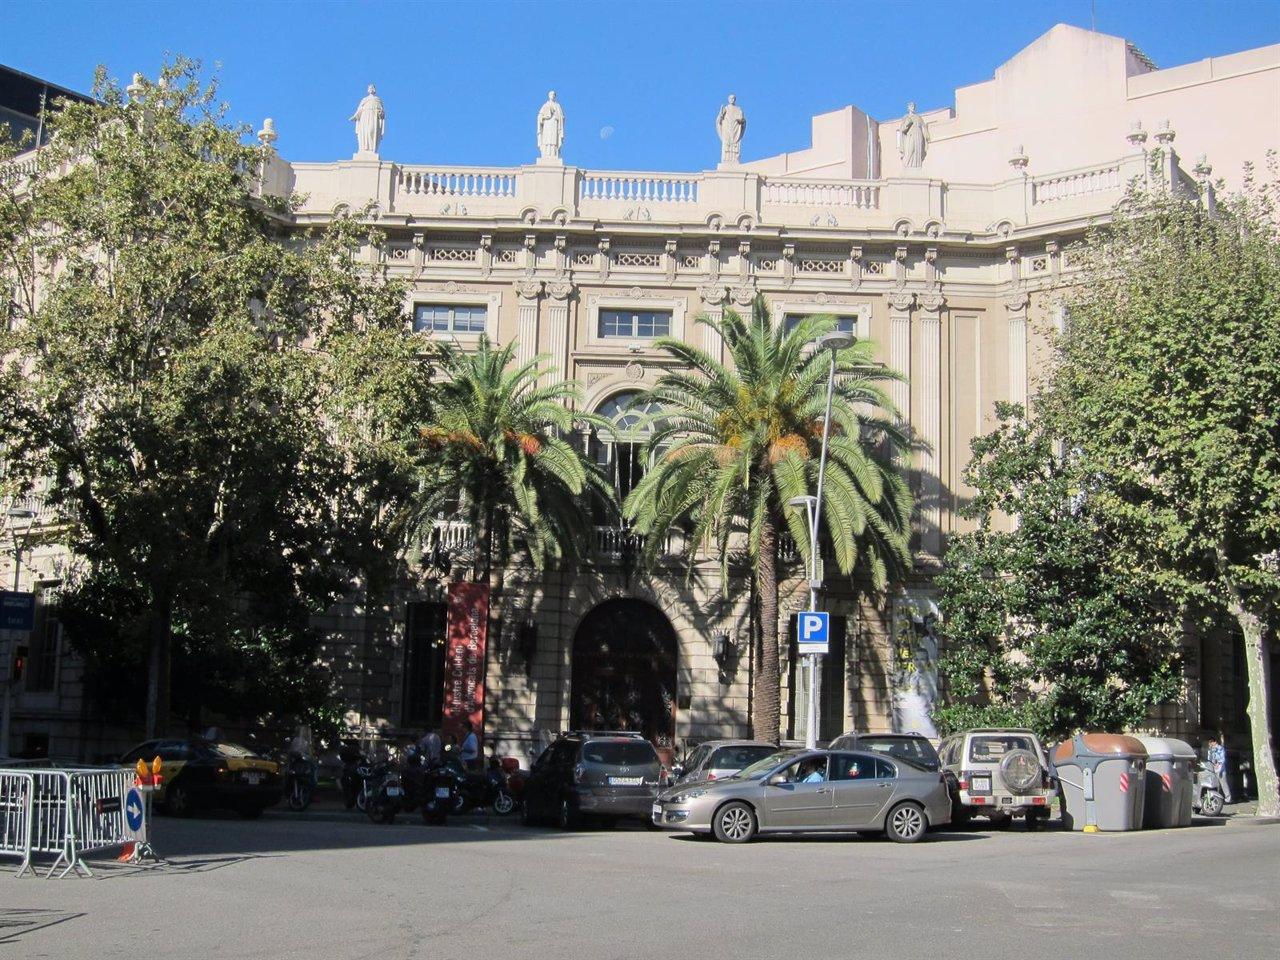 Maz informa 31 may 2016 actualidad profesional colegial - Colegio administradores barcelona ...